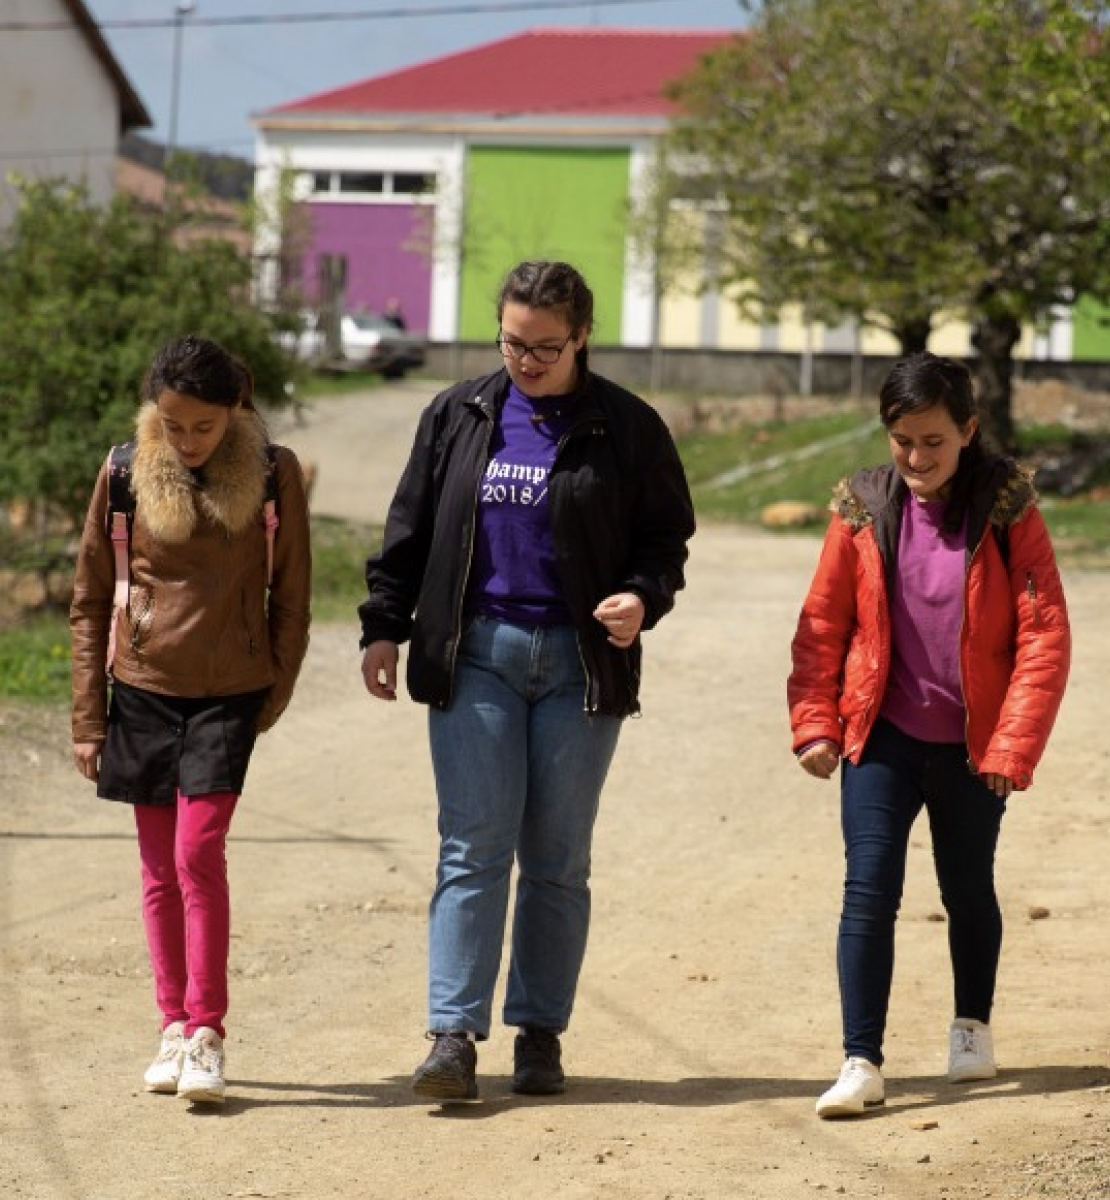 三个年轻女孩穿着夹克走在一条泥泞的路上。